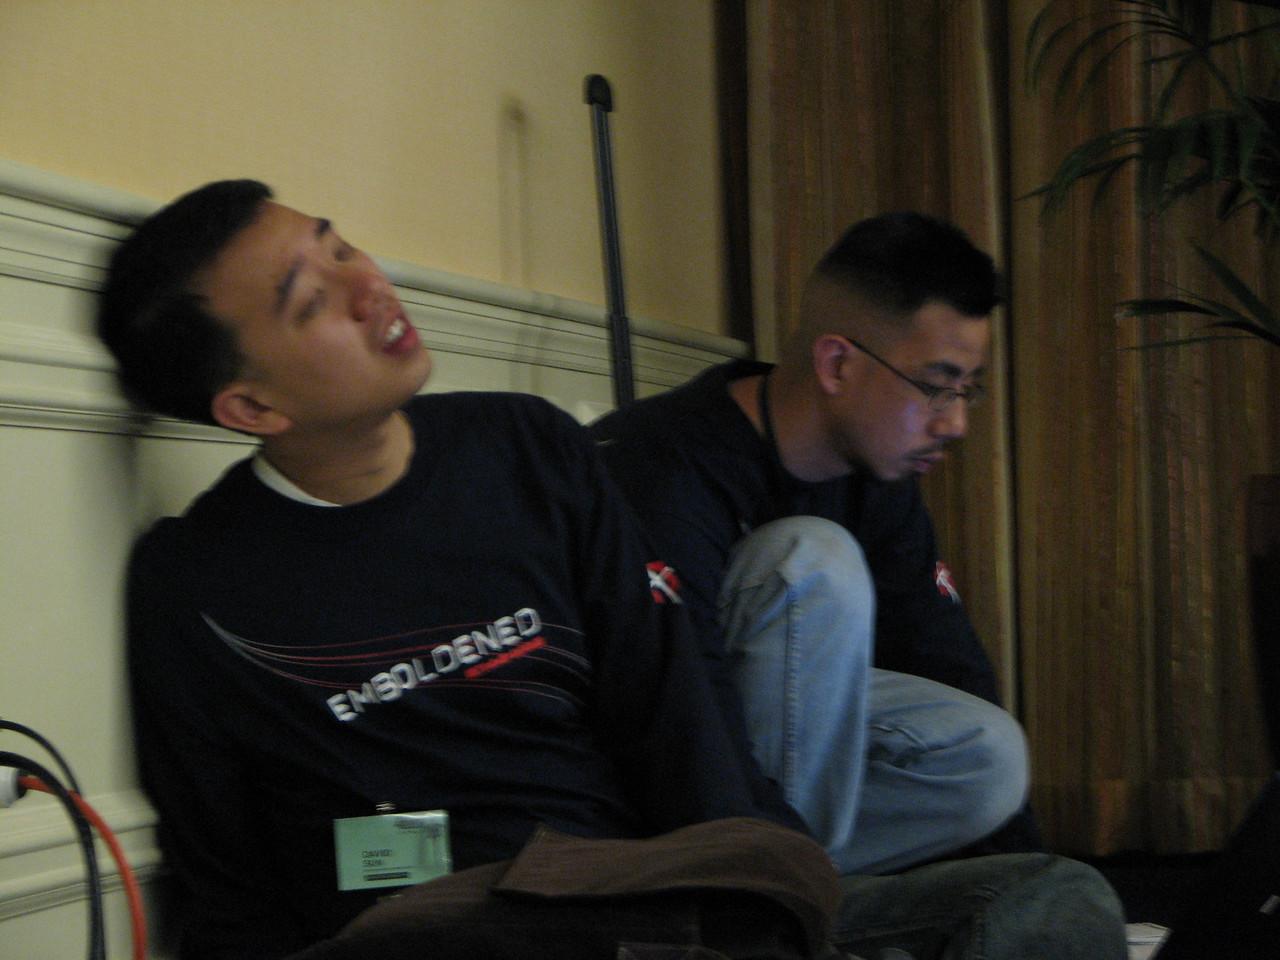 2007 02 17 Sat - David Sun & Bun Lau 1